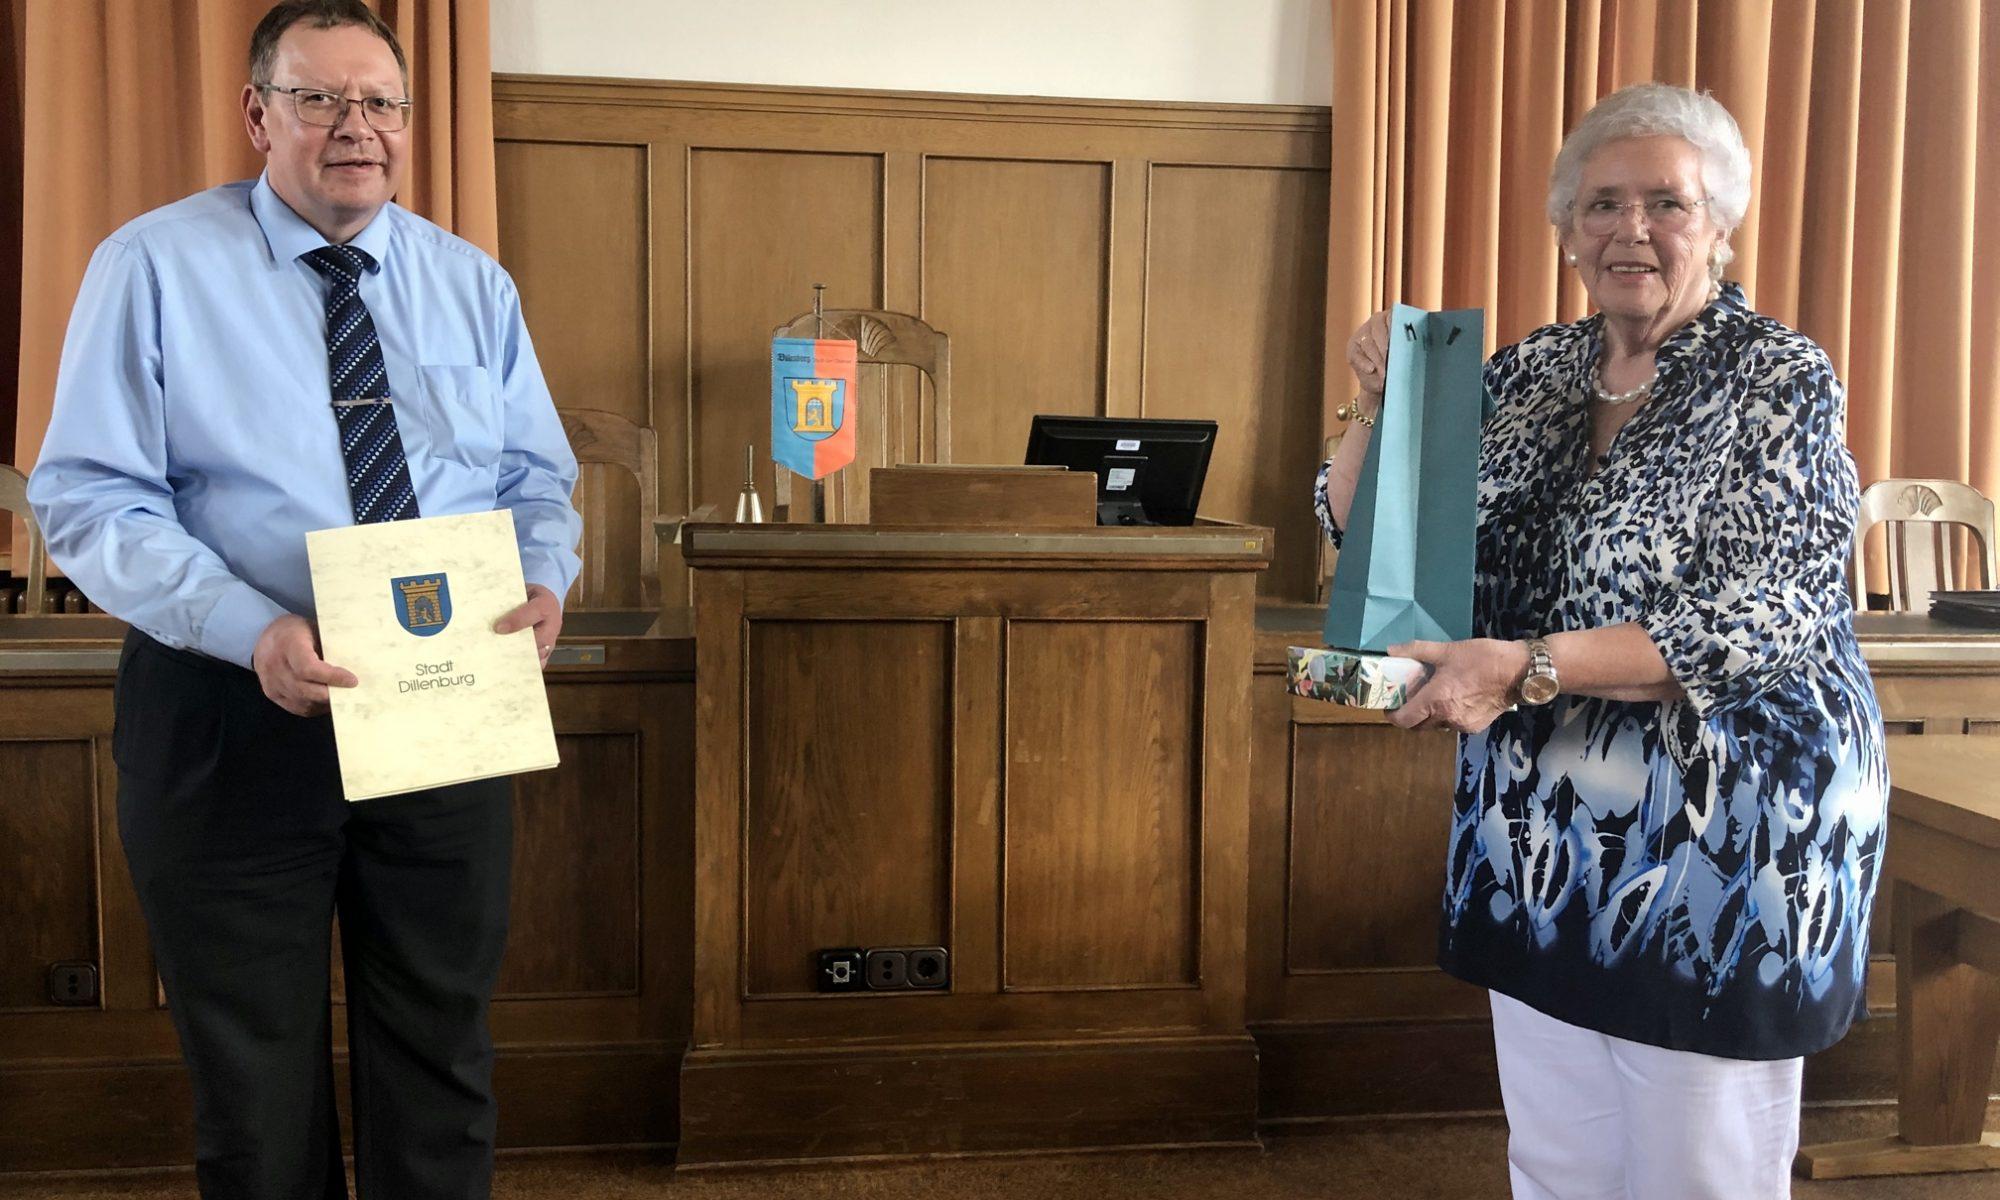 Verließ den Magistrat schon im Sommer: Stadtrat Steffen Schenk bei der Verabschiedung durch Erste Stadträtin Elisabeth Fuhrländer (Foto: Oranienstadt Dillenburg)